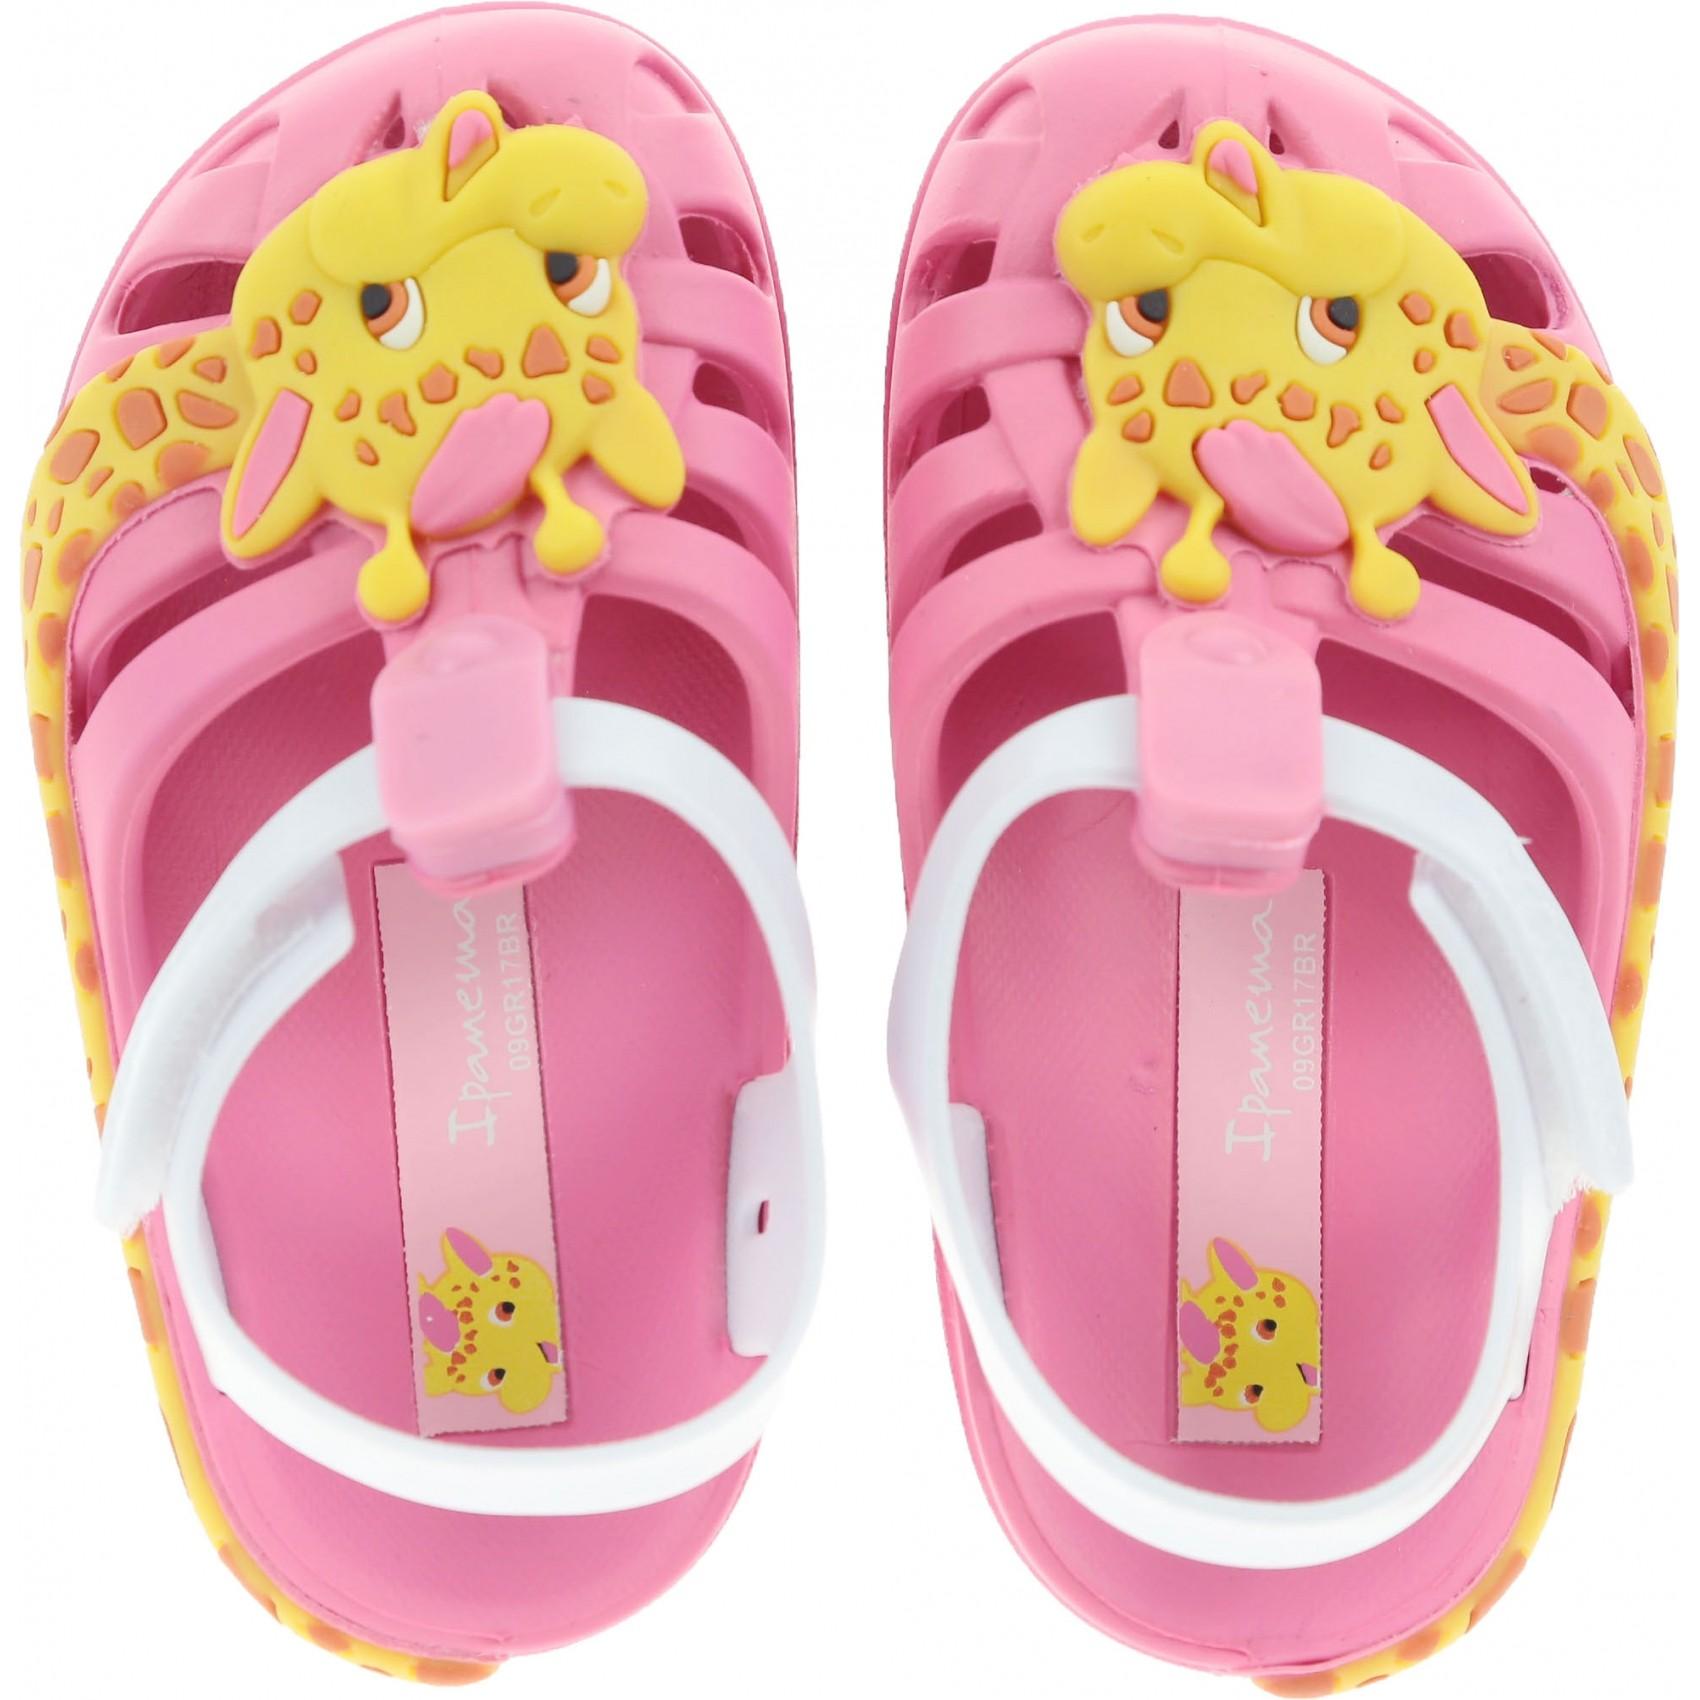 2070 82460 Acquist Ipanema Sandalo Rosa Junior Baby Giraffa Style WEDYHI92